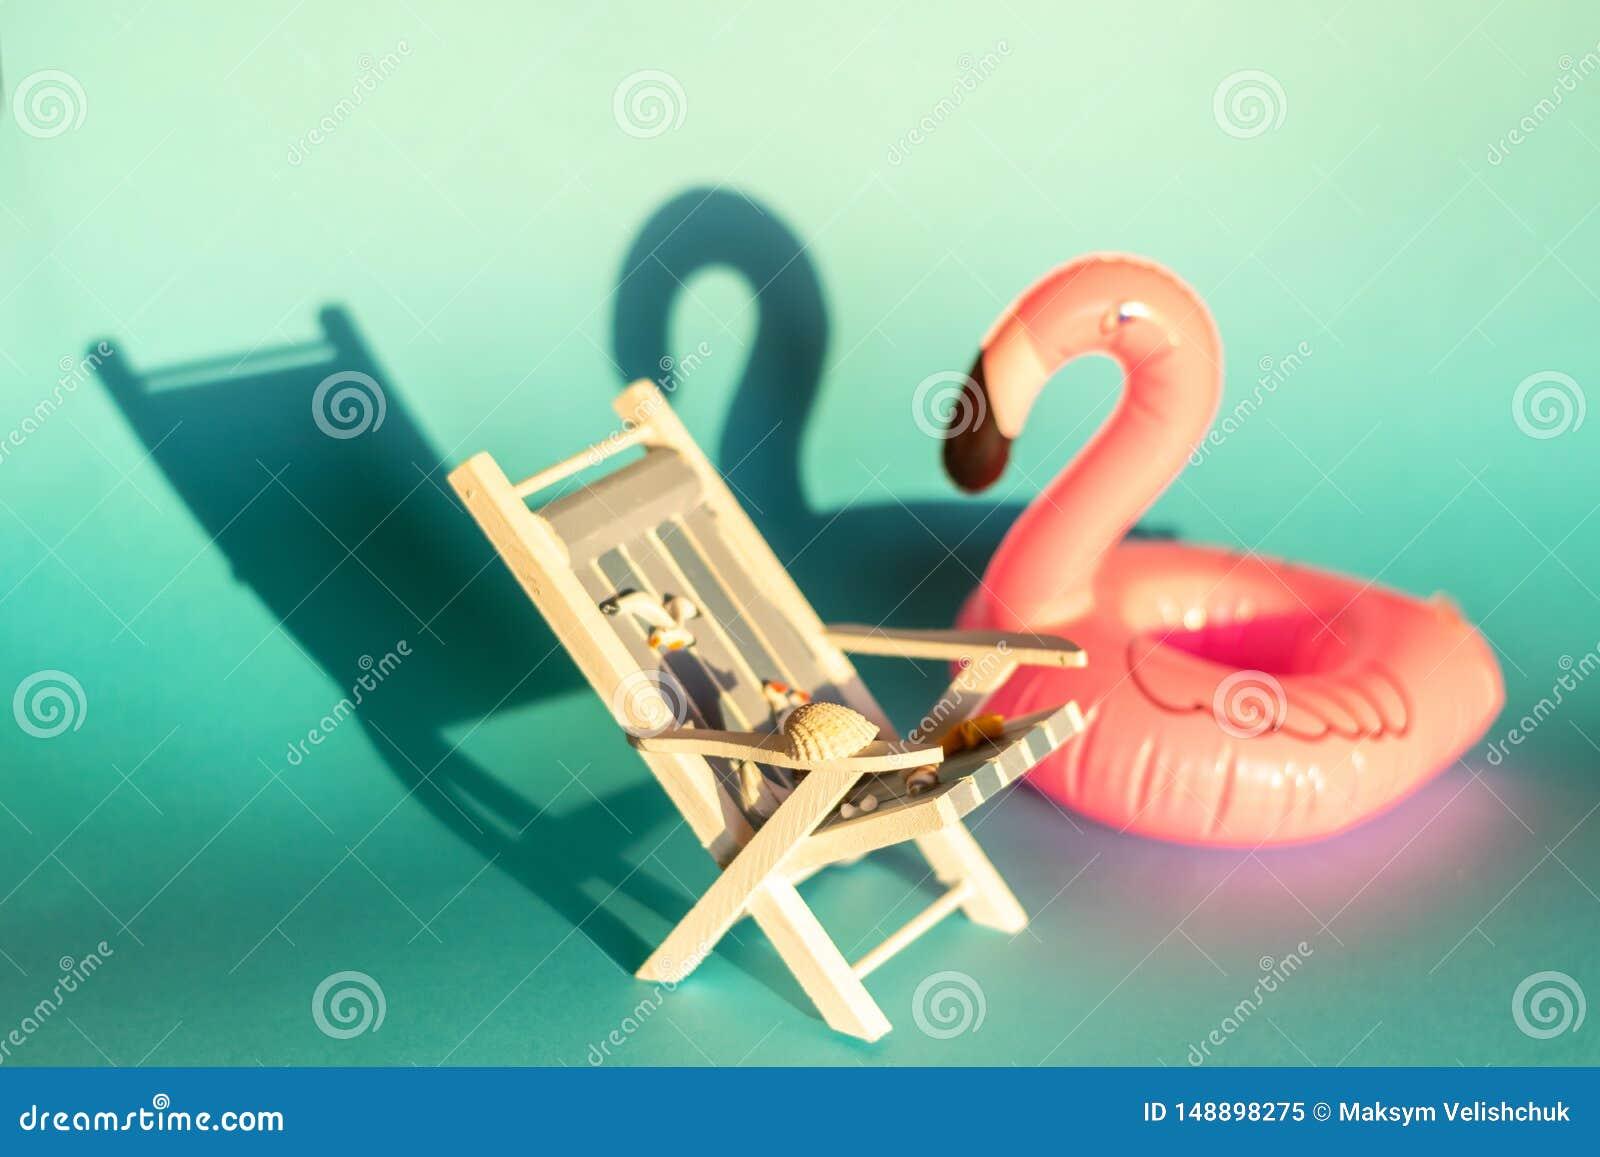 Aufblasbarer Flamingo und deckchair auf einem blauen Hintergrund, Poolflosspartei,